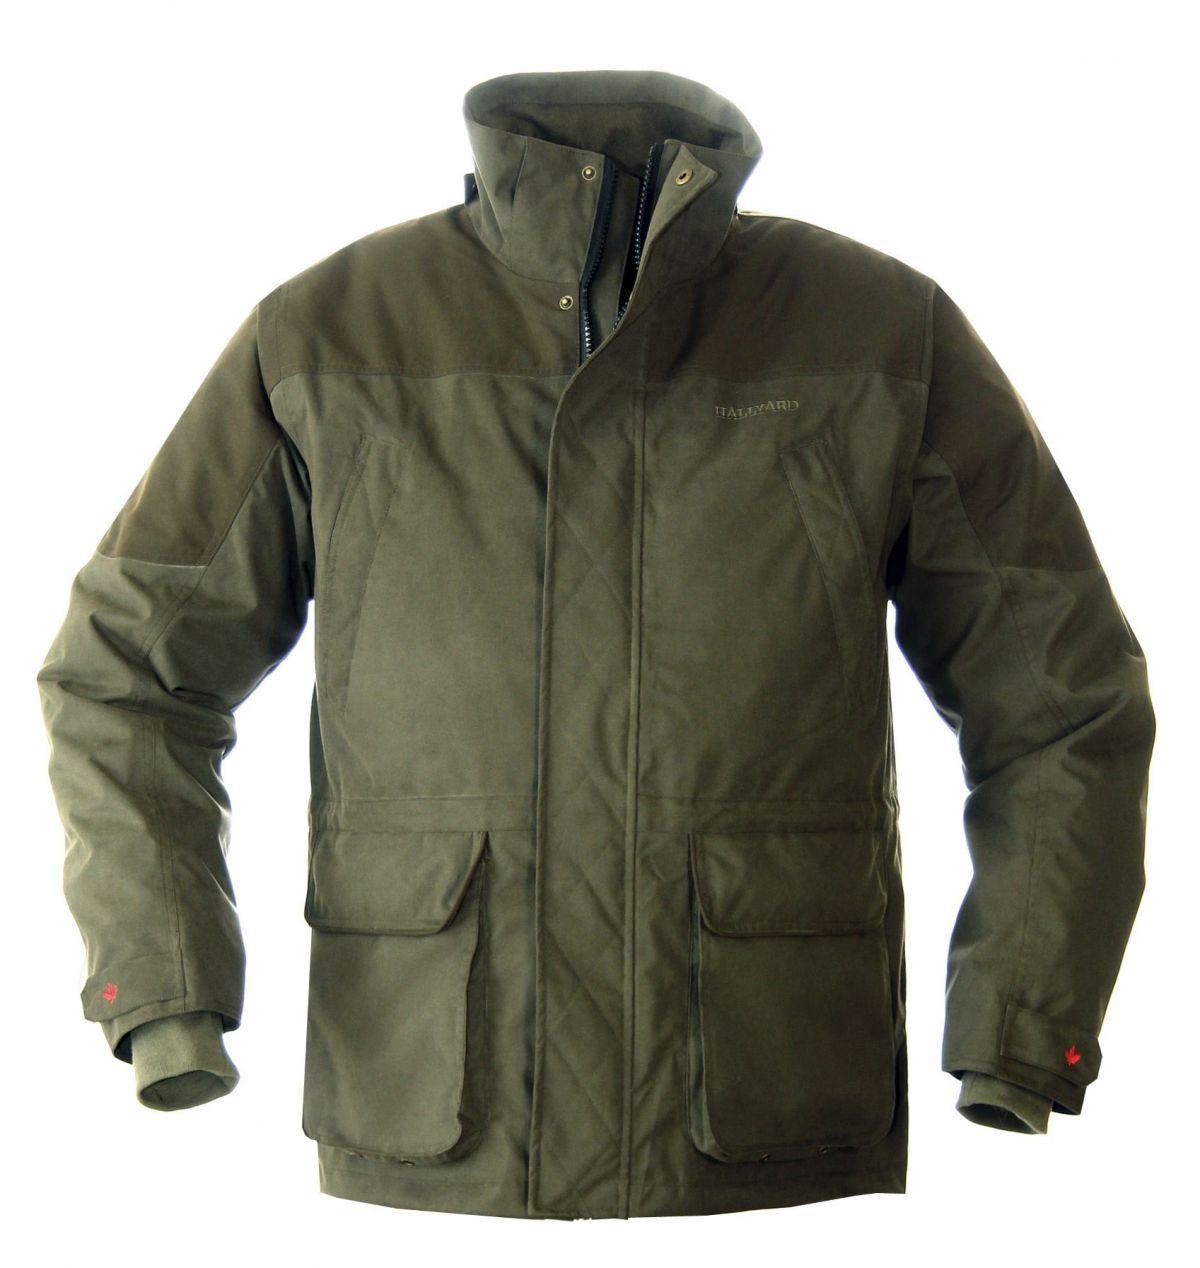 Куртка Hallyard Newark